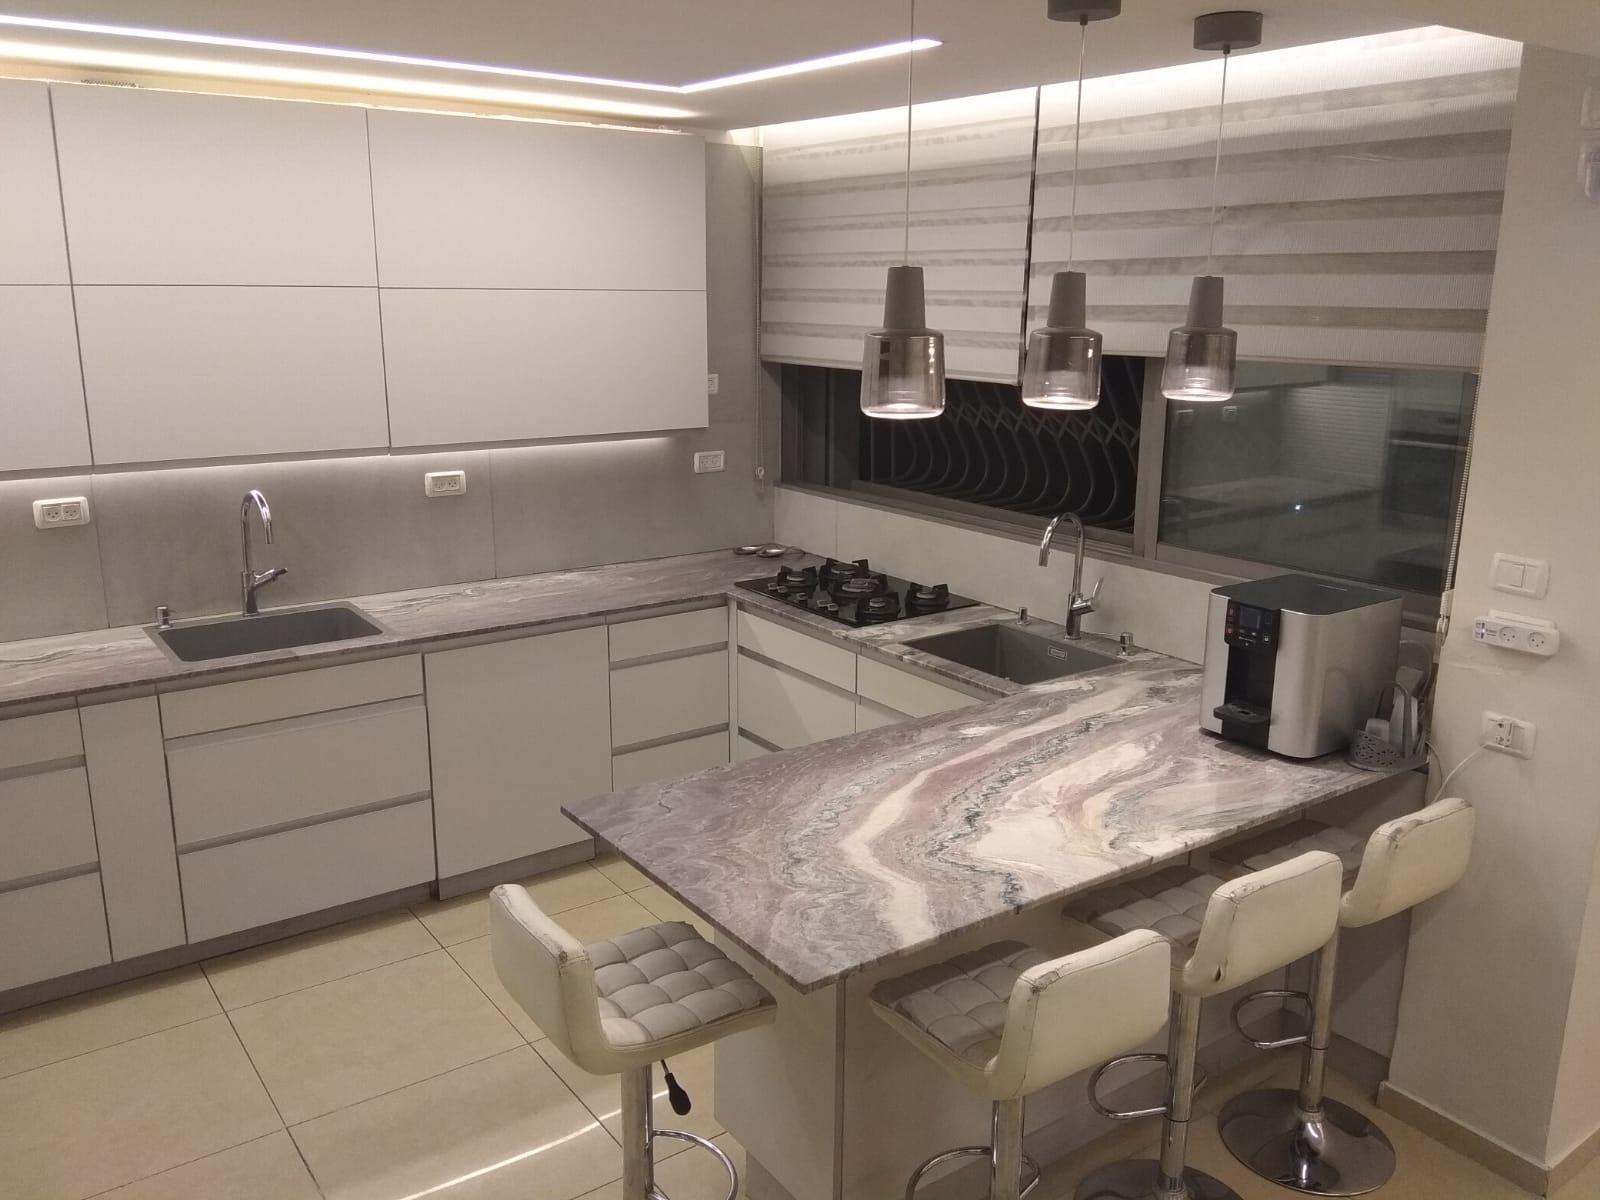 עיצוב פנים מטבח   אדריכלות מטבח - מטבח